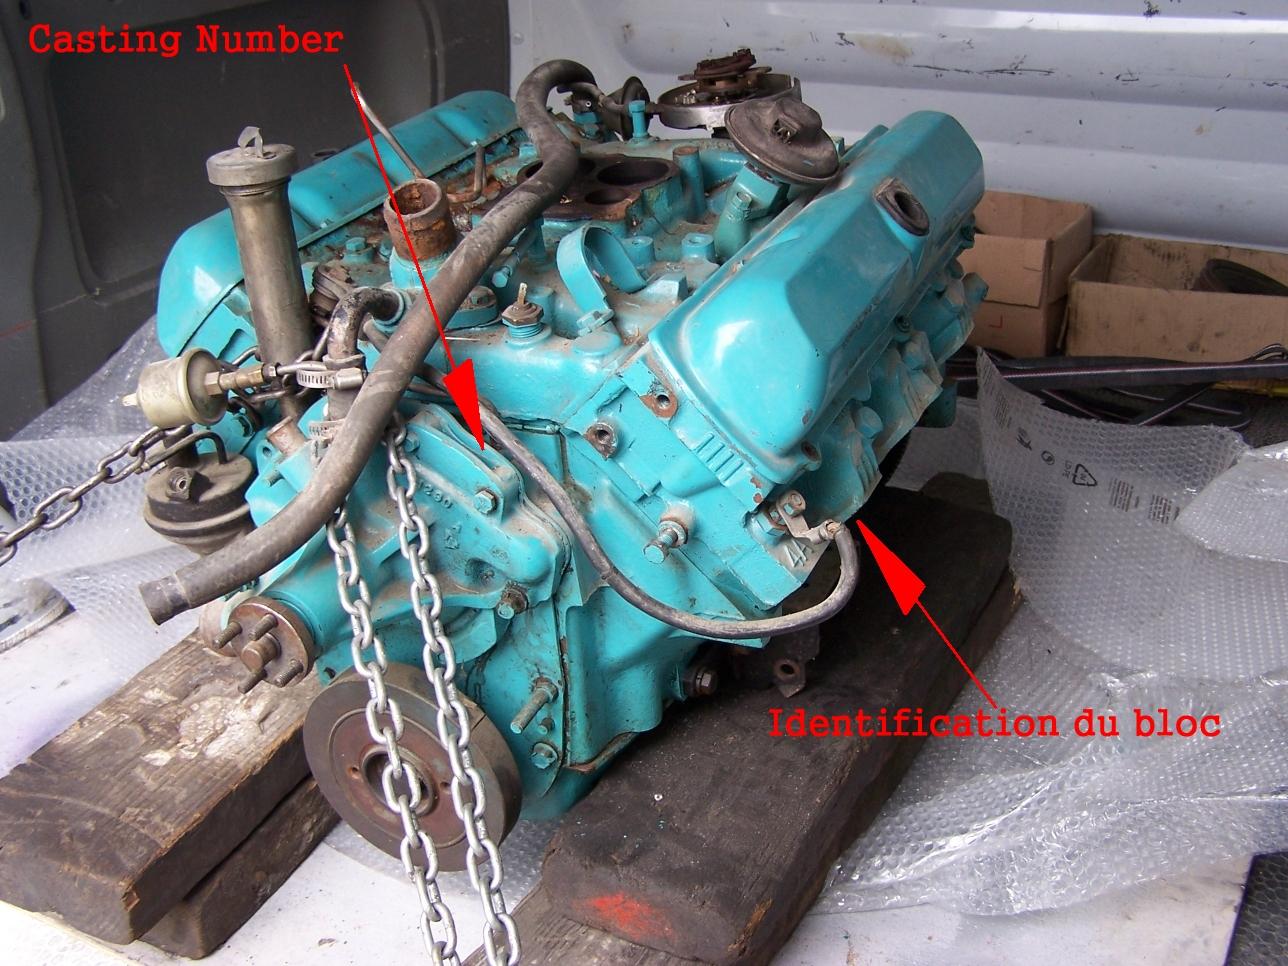 Identification du moteur :